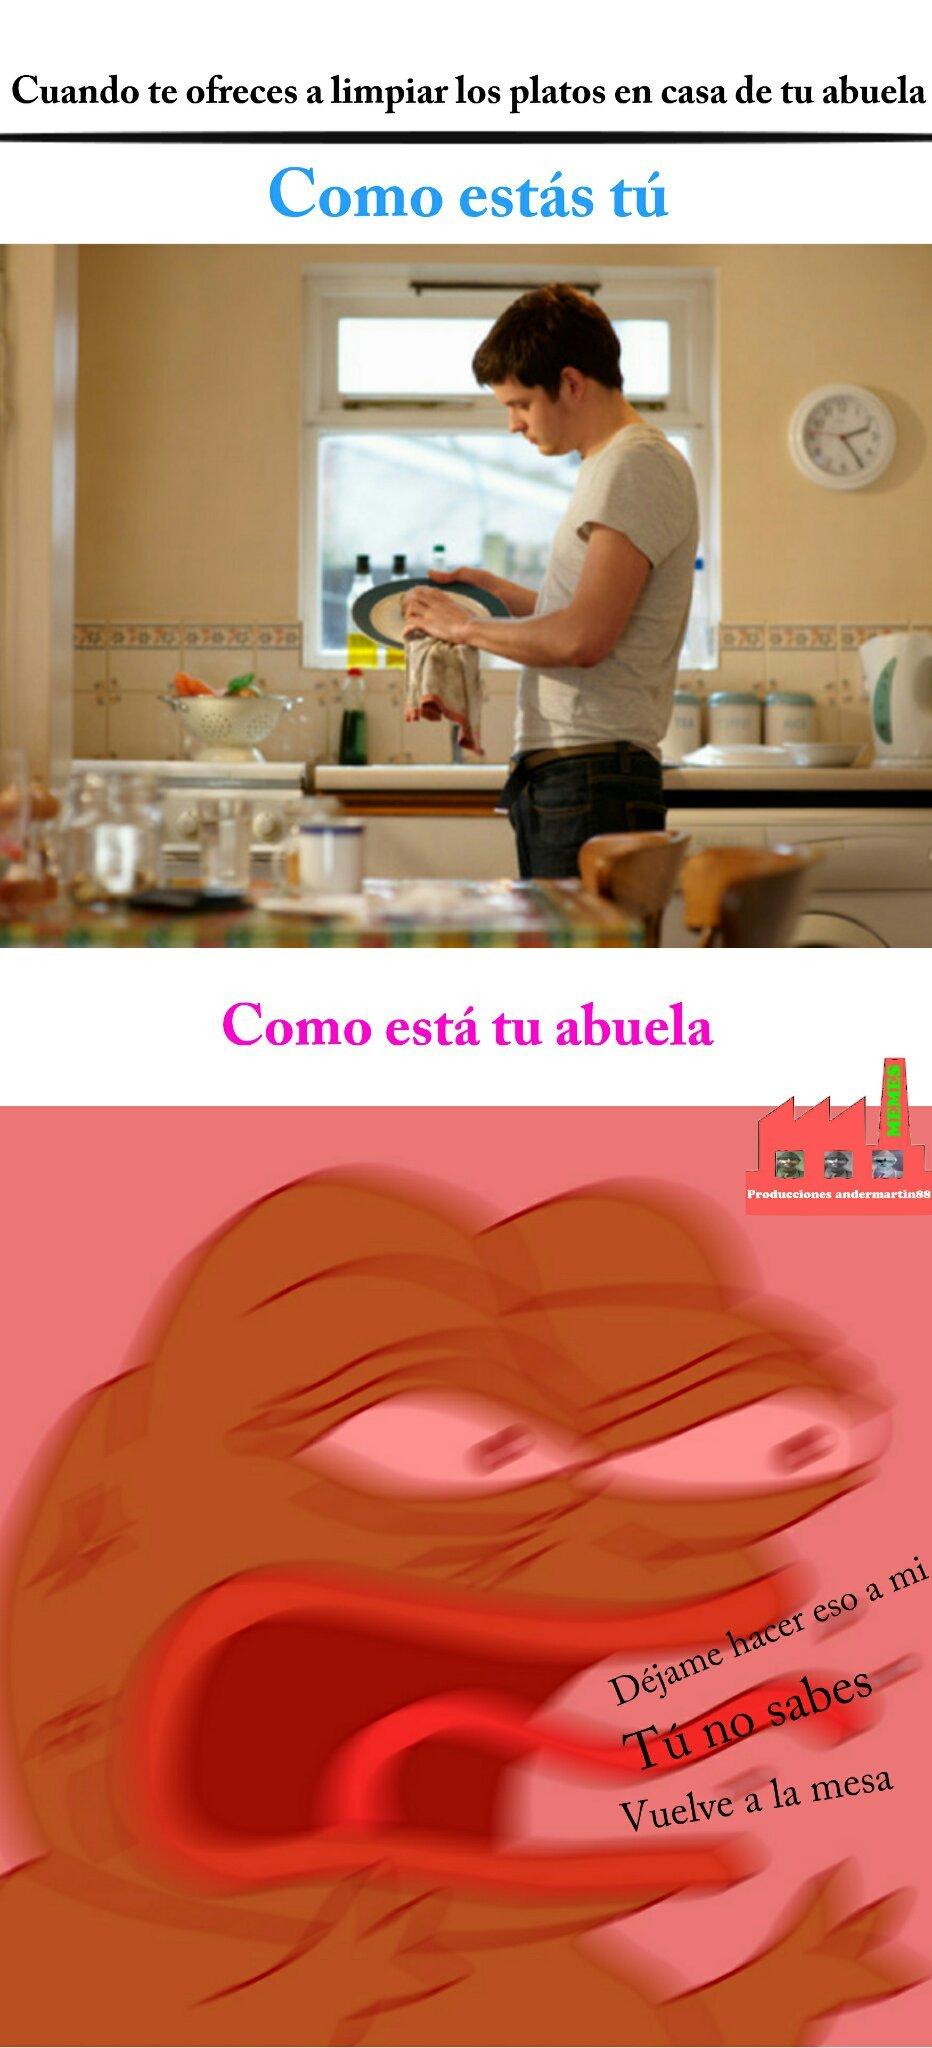 Mi abuela se pone muy nerviosa si solamente le ayudo a recoger un plato - meme